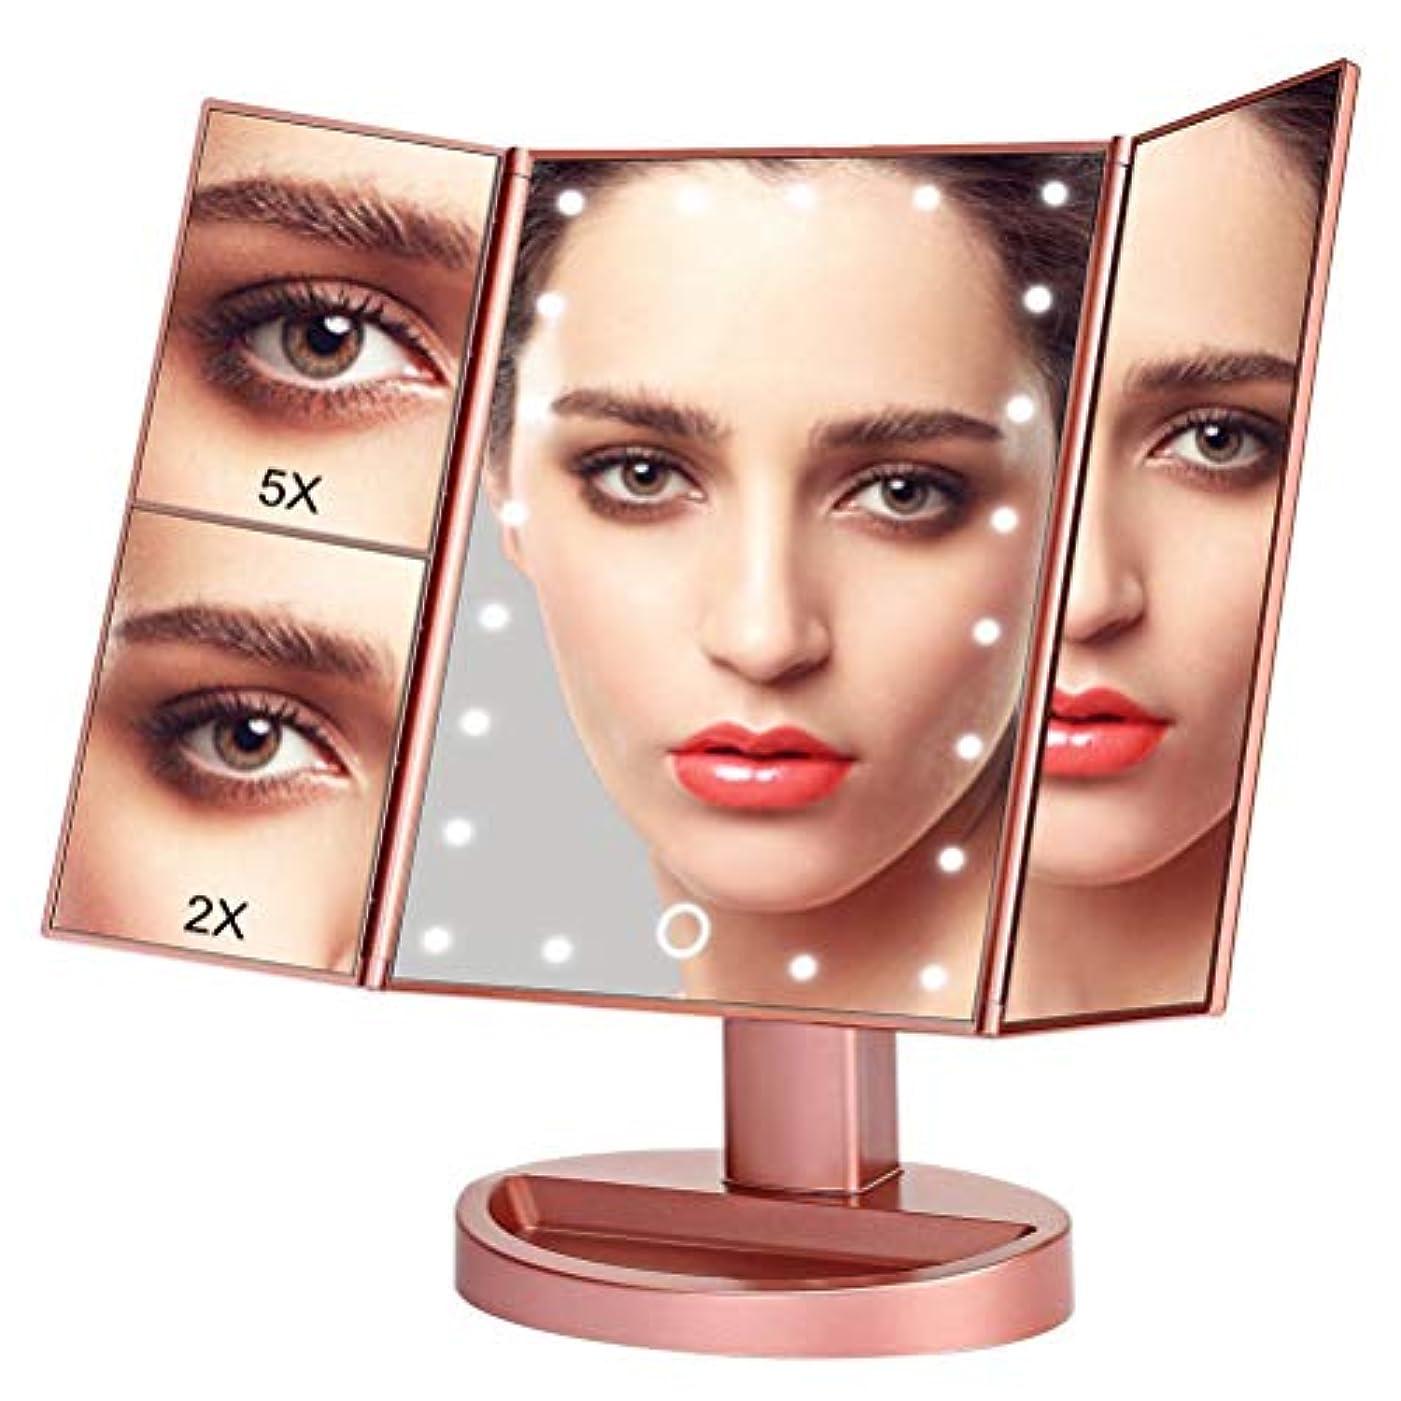 違うプレーヤー効能OKISS 三面鏡 LED化粧鏡 卓上 ミラー 女優 鏡 2倍と5倍拡大鏡付き 明るさ調節可能 折り畳み式 180°回転 USB/単4電池給電 (LED三面鏡2)